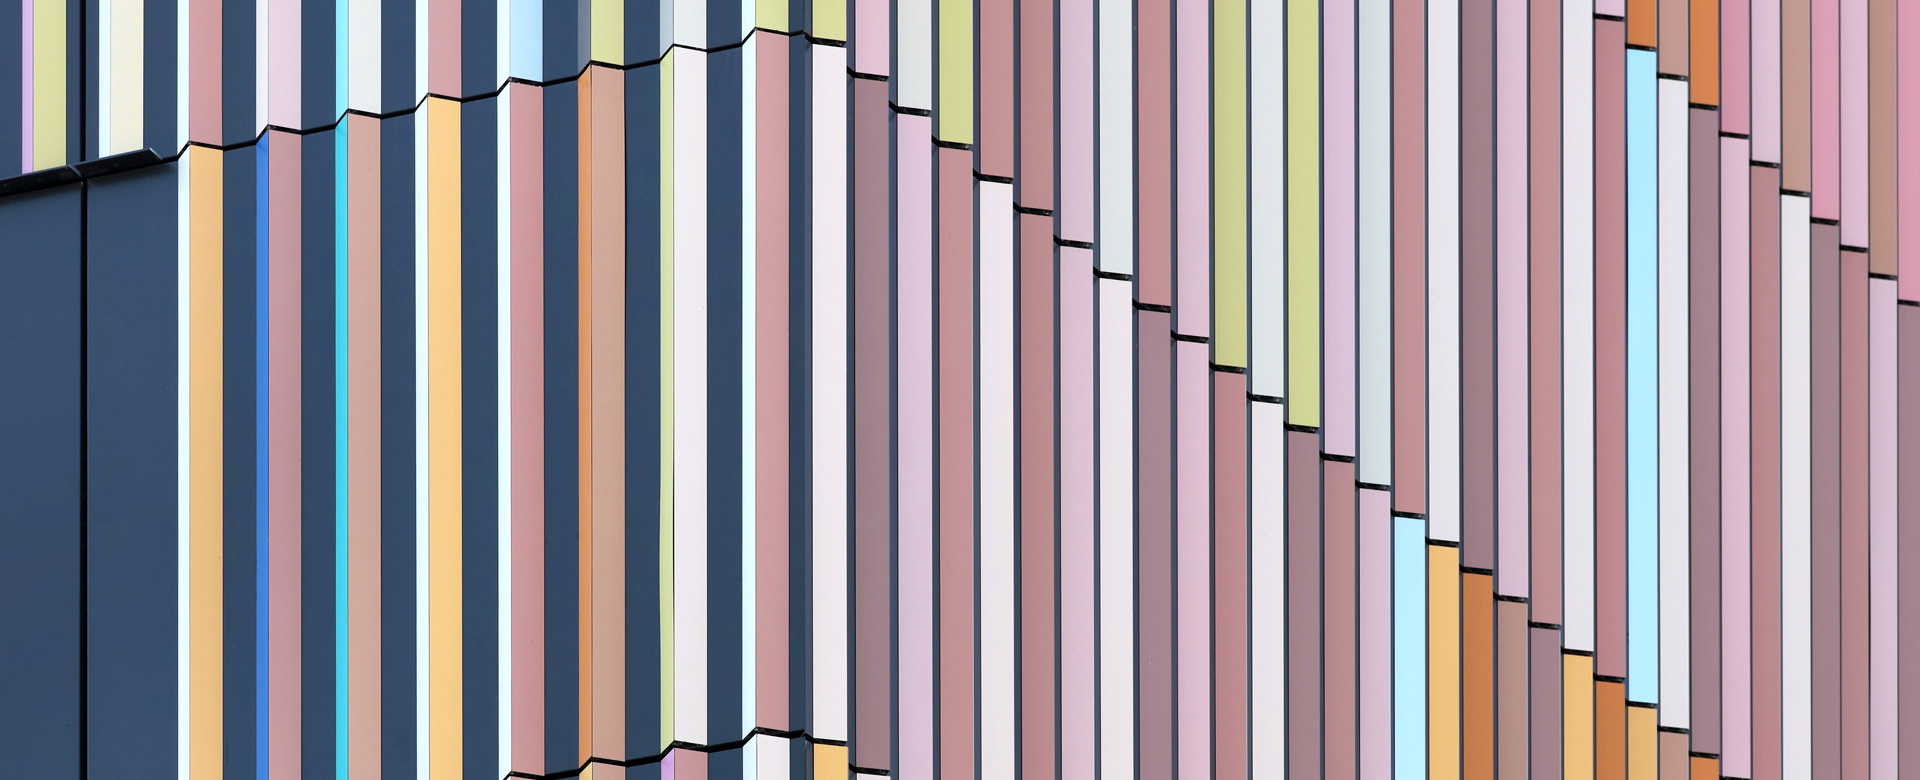 Farbenvielfalt an der Fassade des Marrahauses nach einem Entwurf des Coburger Architekten Alexander Schleifenheimer